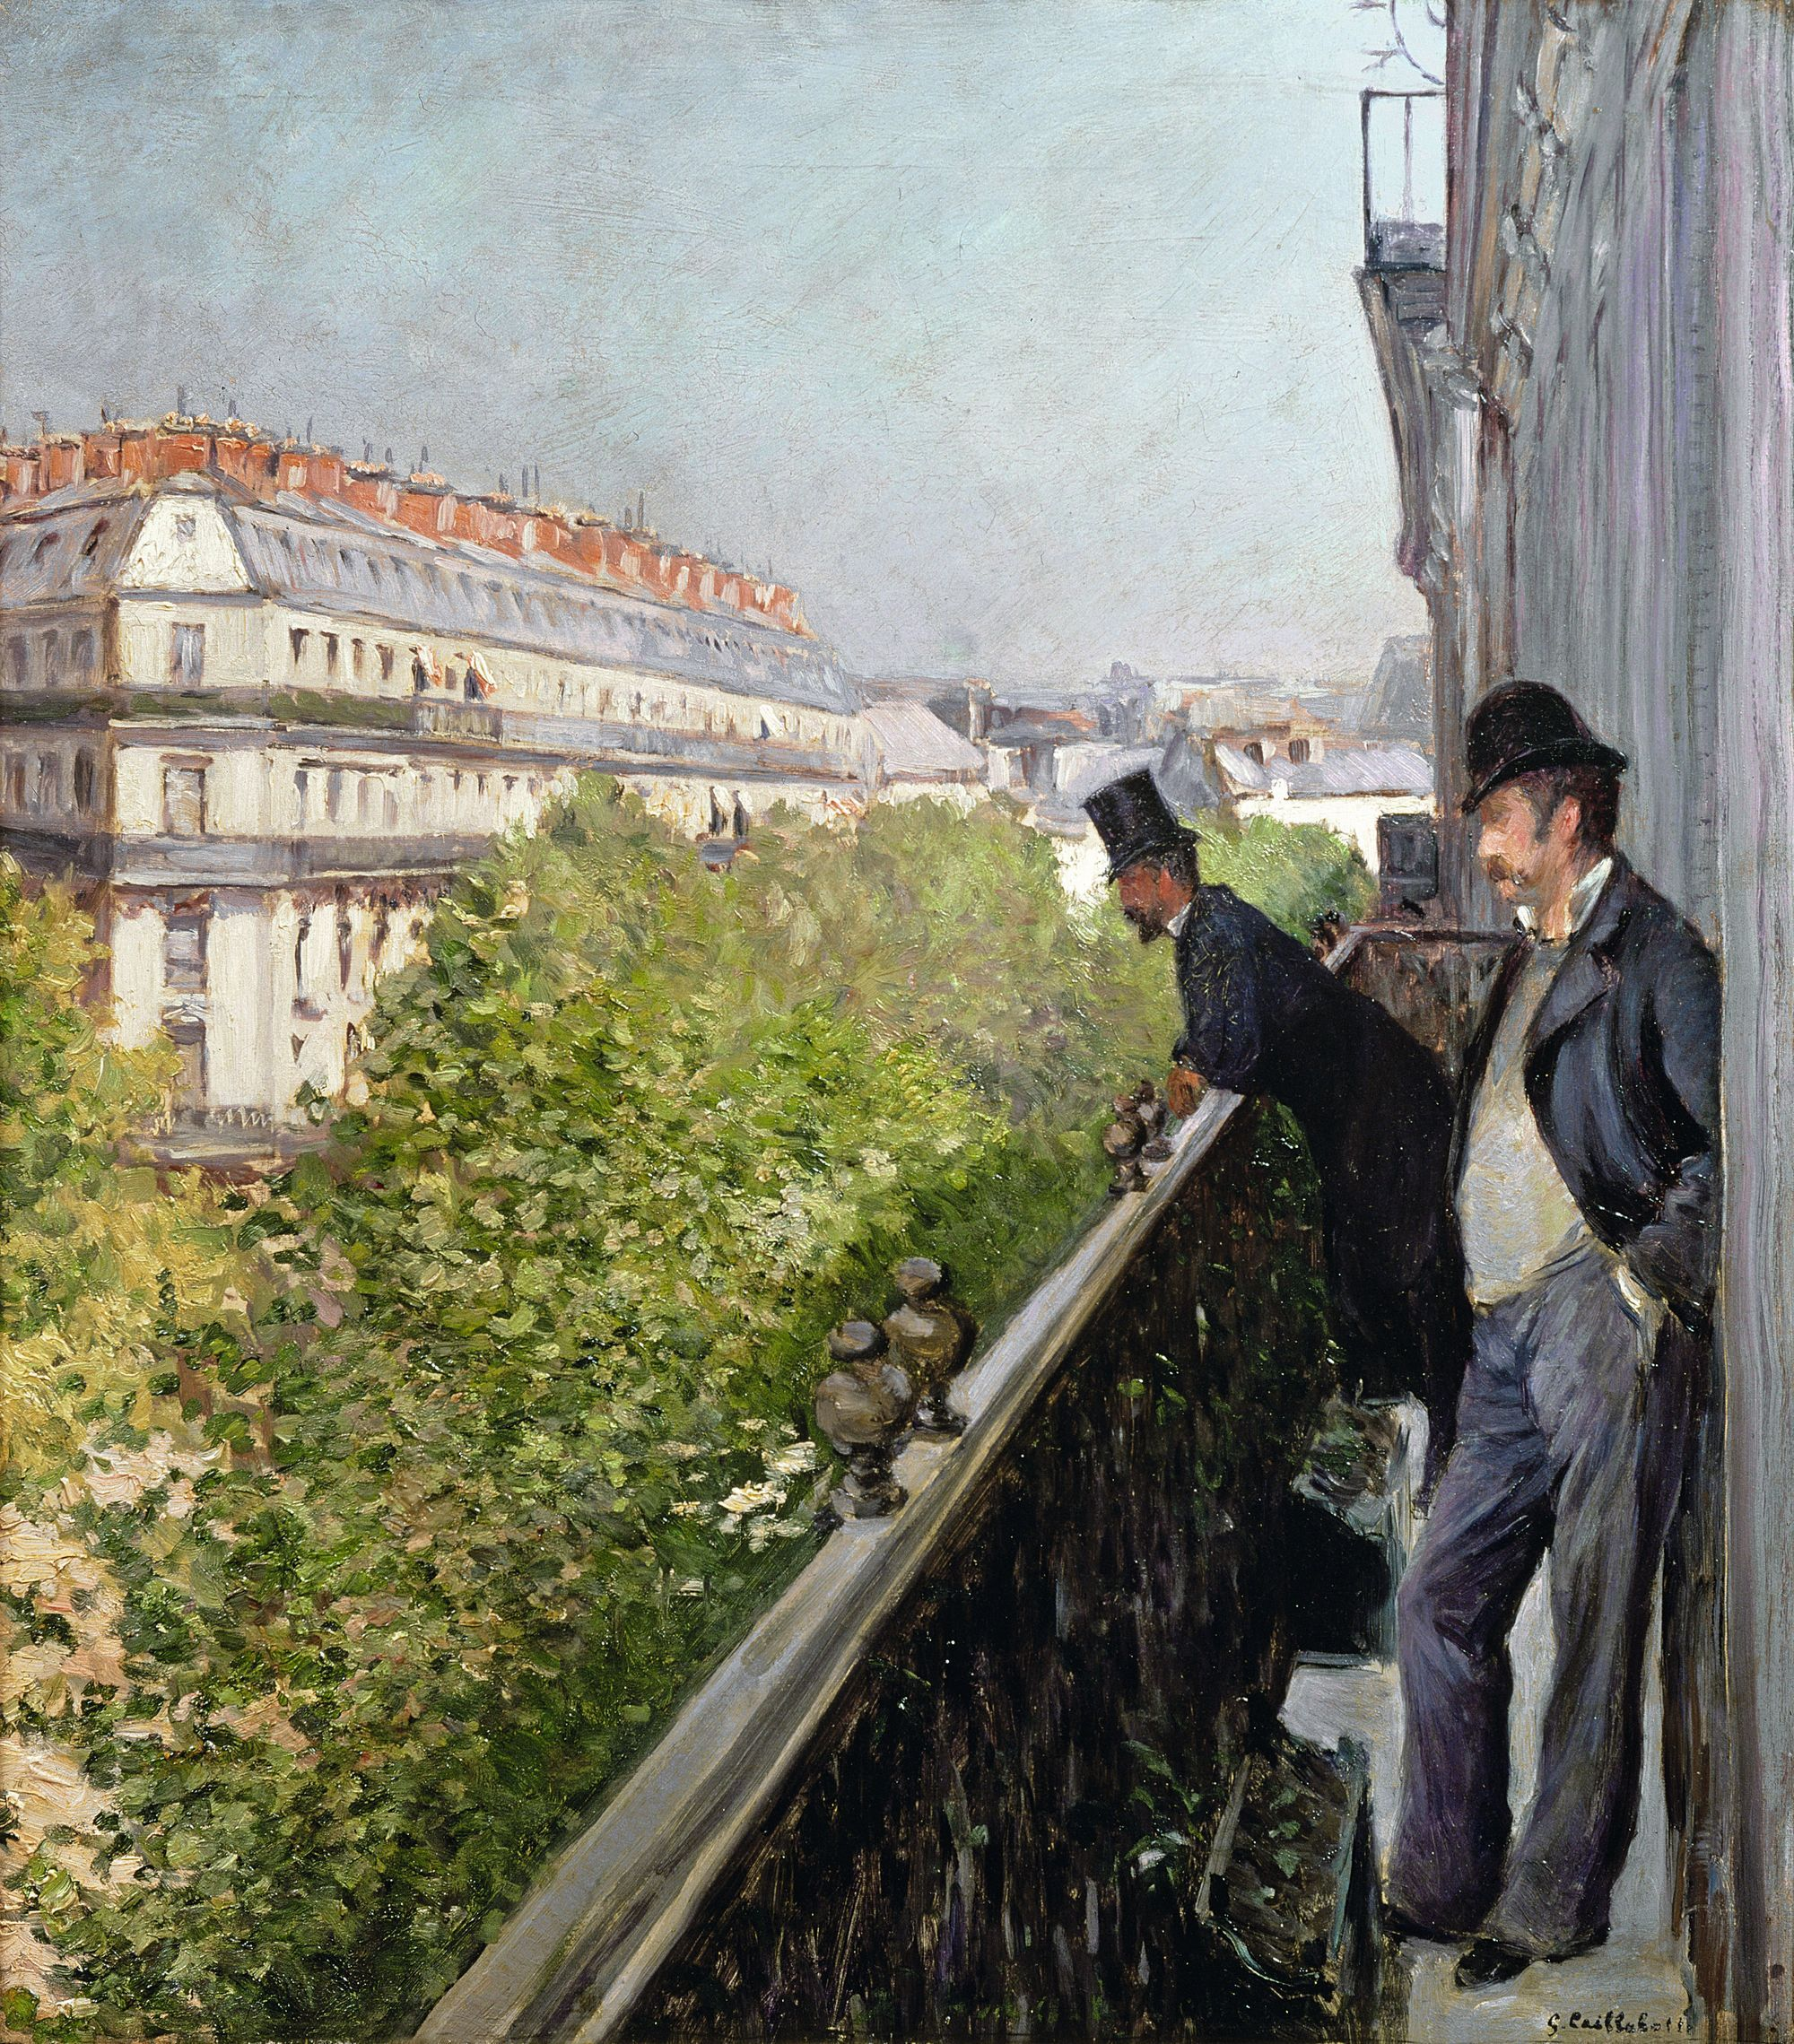 La rénovation urbaine du Paris haussmannien